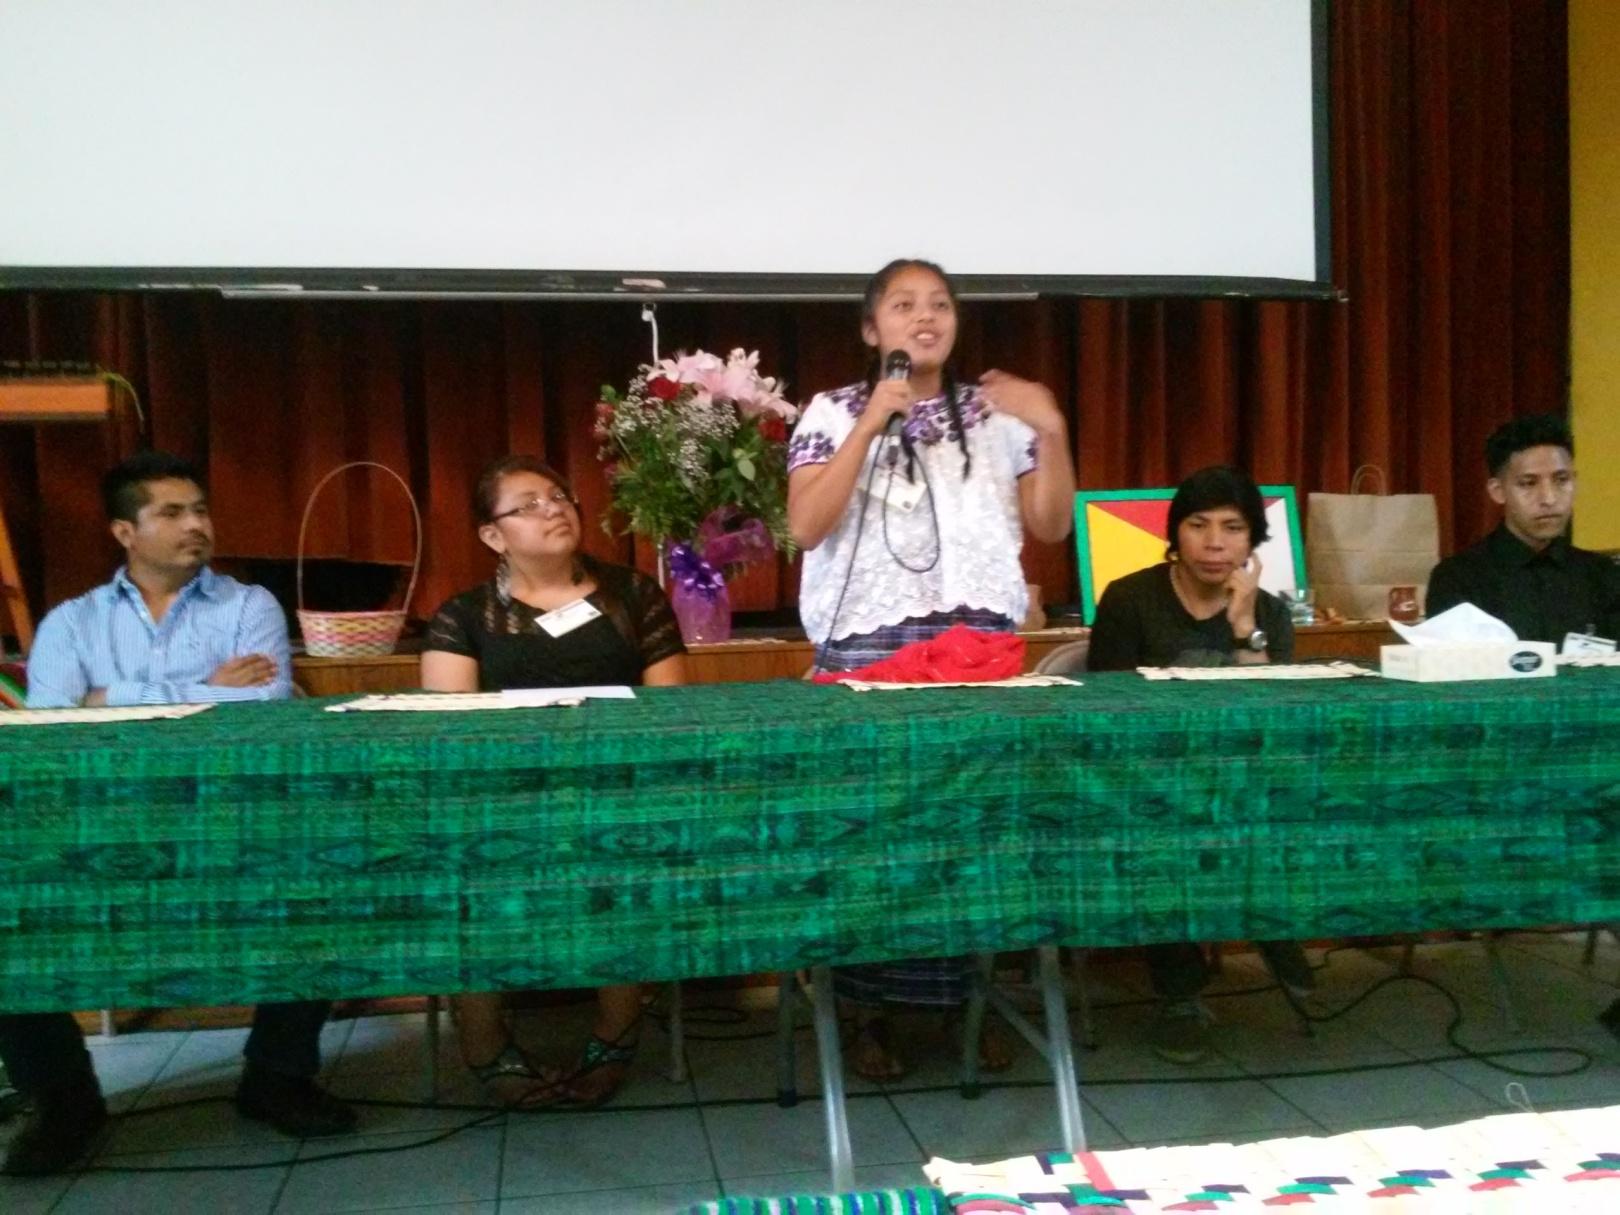 """""""Aunque nací acá, soy maya, soy guatemalteca"""", declaró con emoción Mariana. Fotografía: La Voz"""